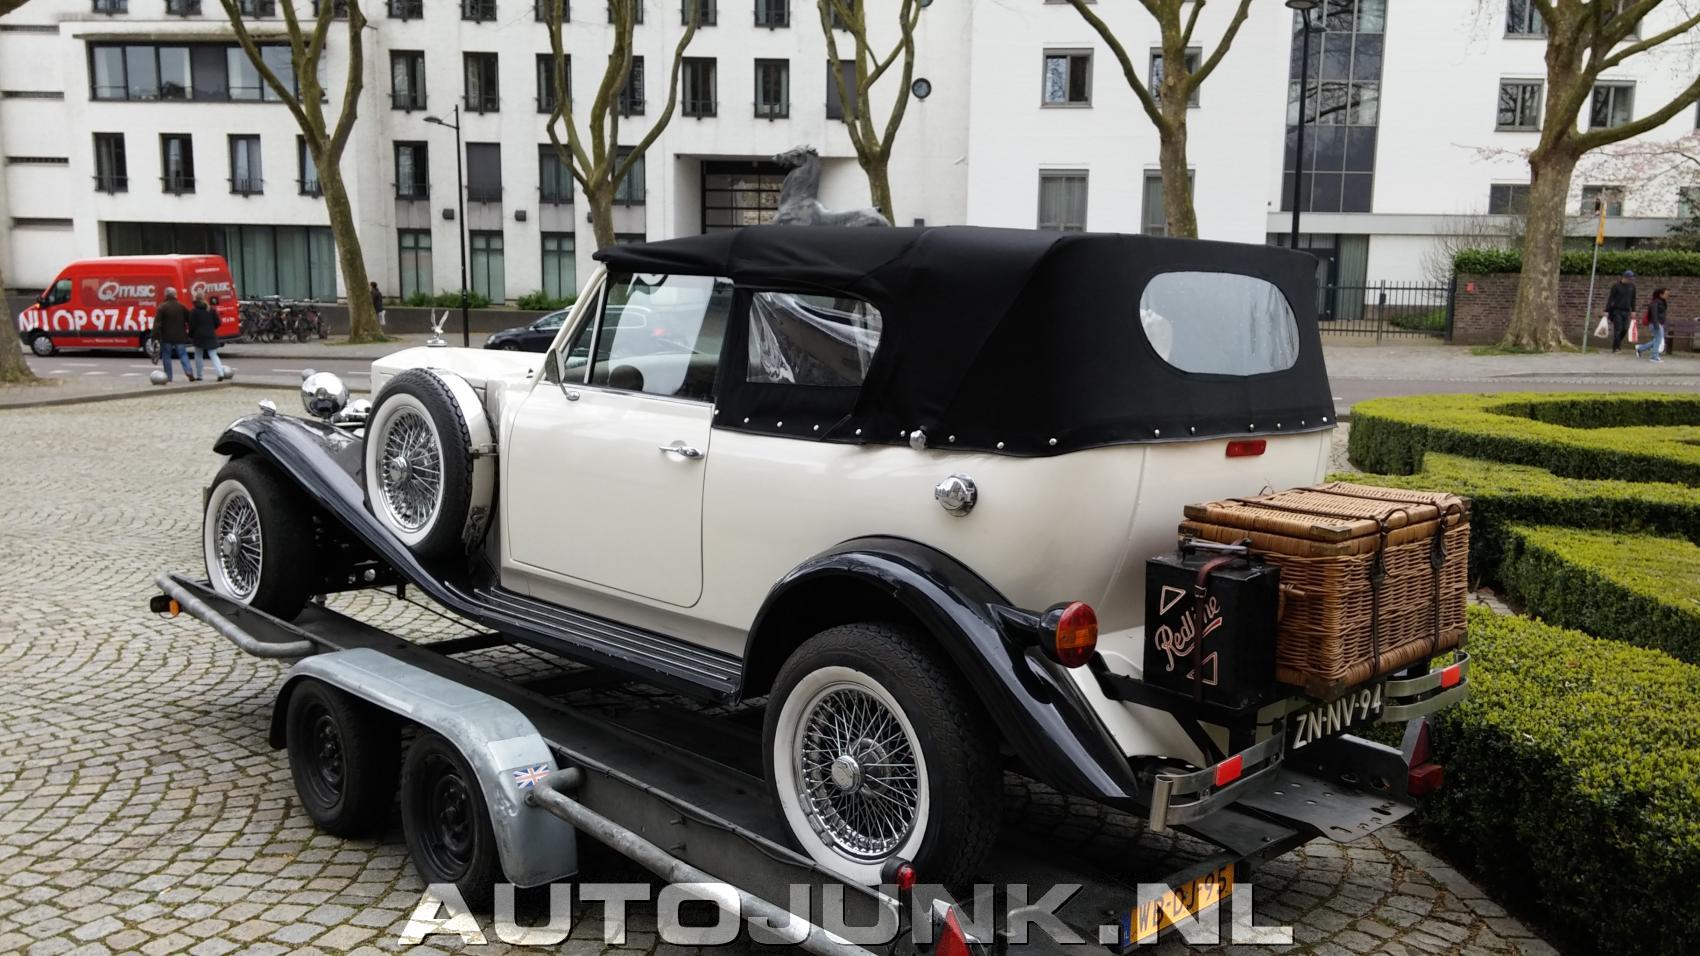 �9�n{��Z[>i��Z�Z8{�_BMWZ8klassiekeBentleyfotos»Autojunk.nl(145536)